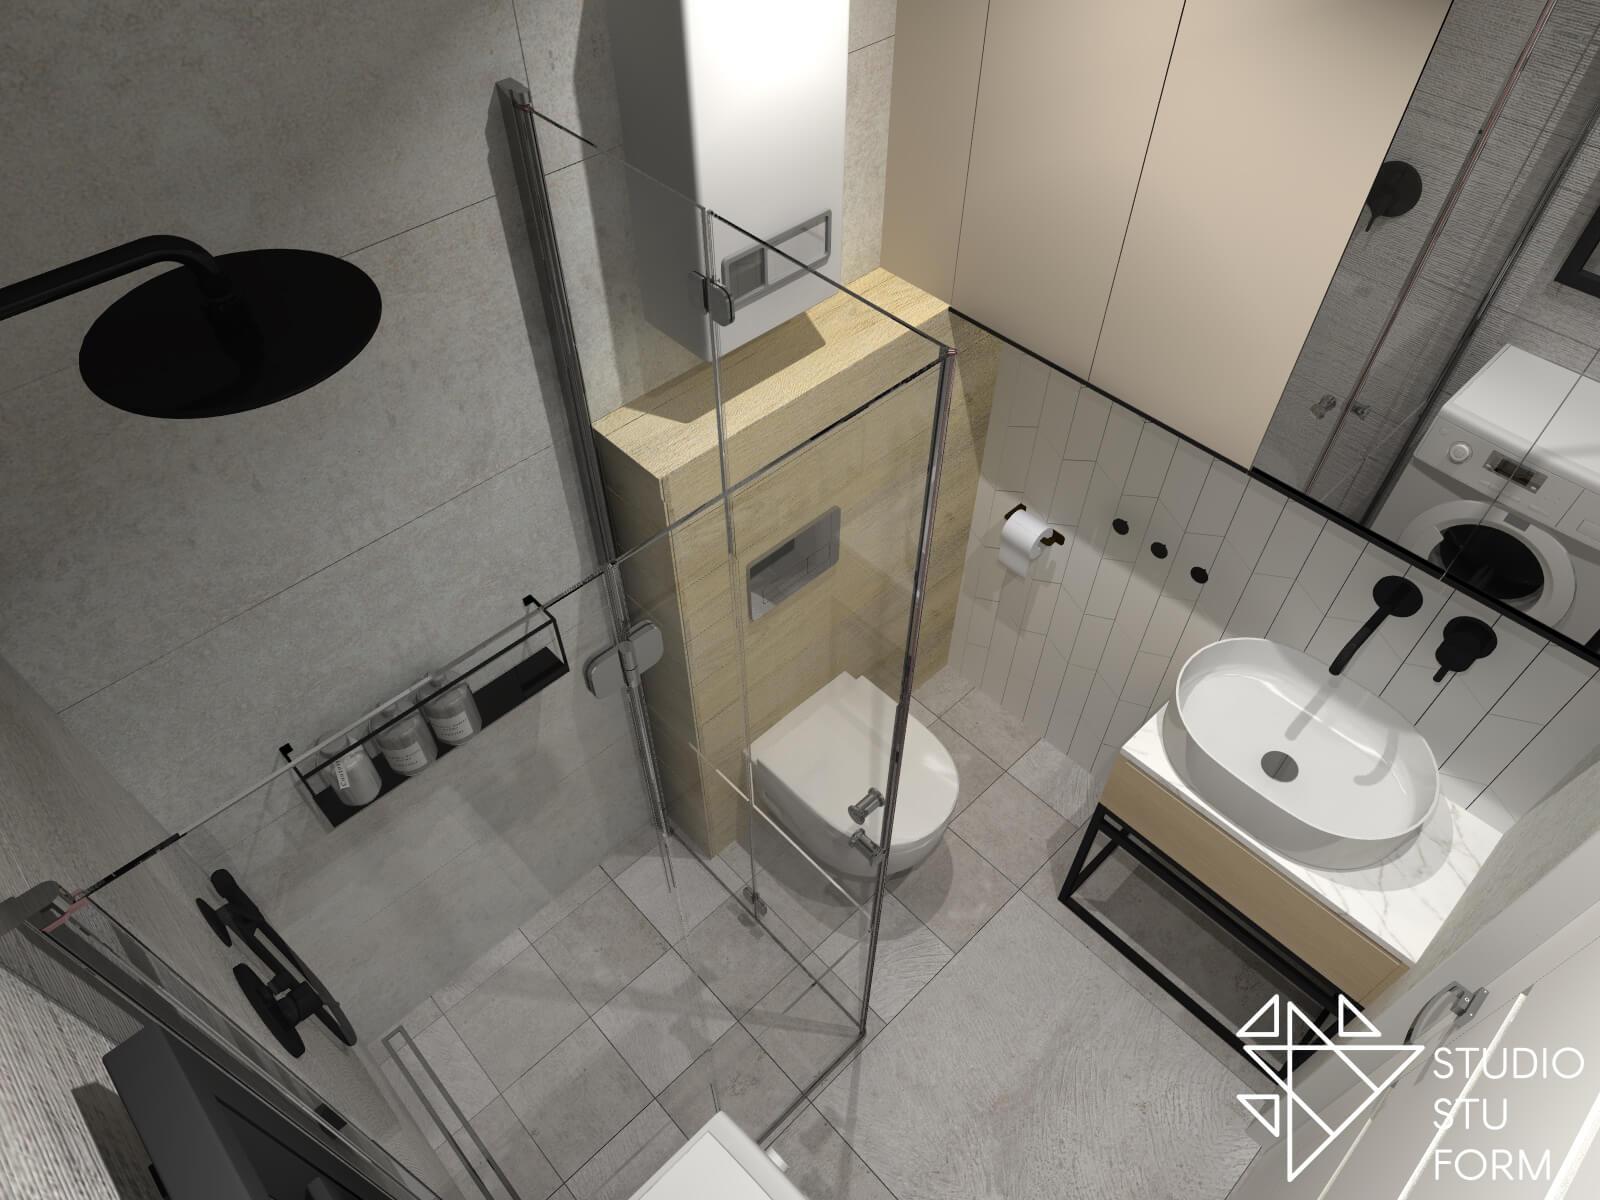 Łazienka w małym mieszkaniu